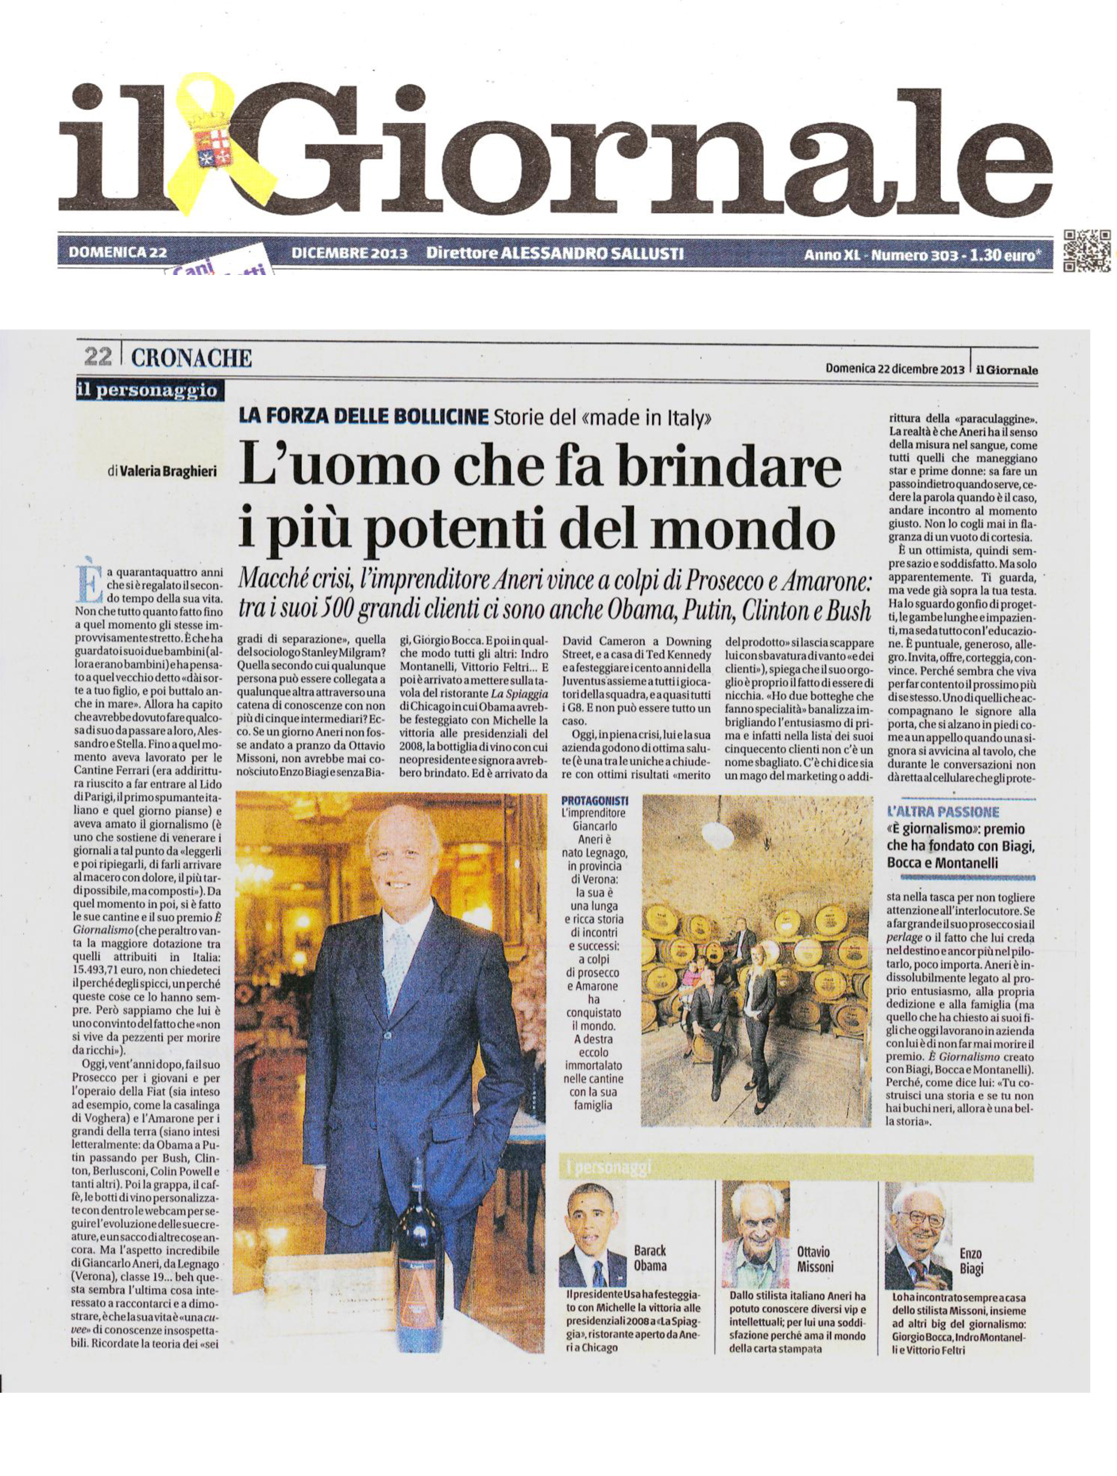 IL GIORNALE-Giancarlo Aneri dicembre 2013